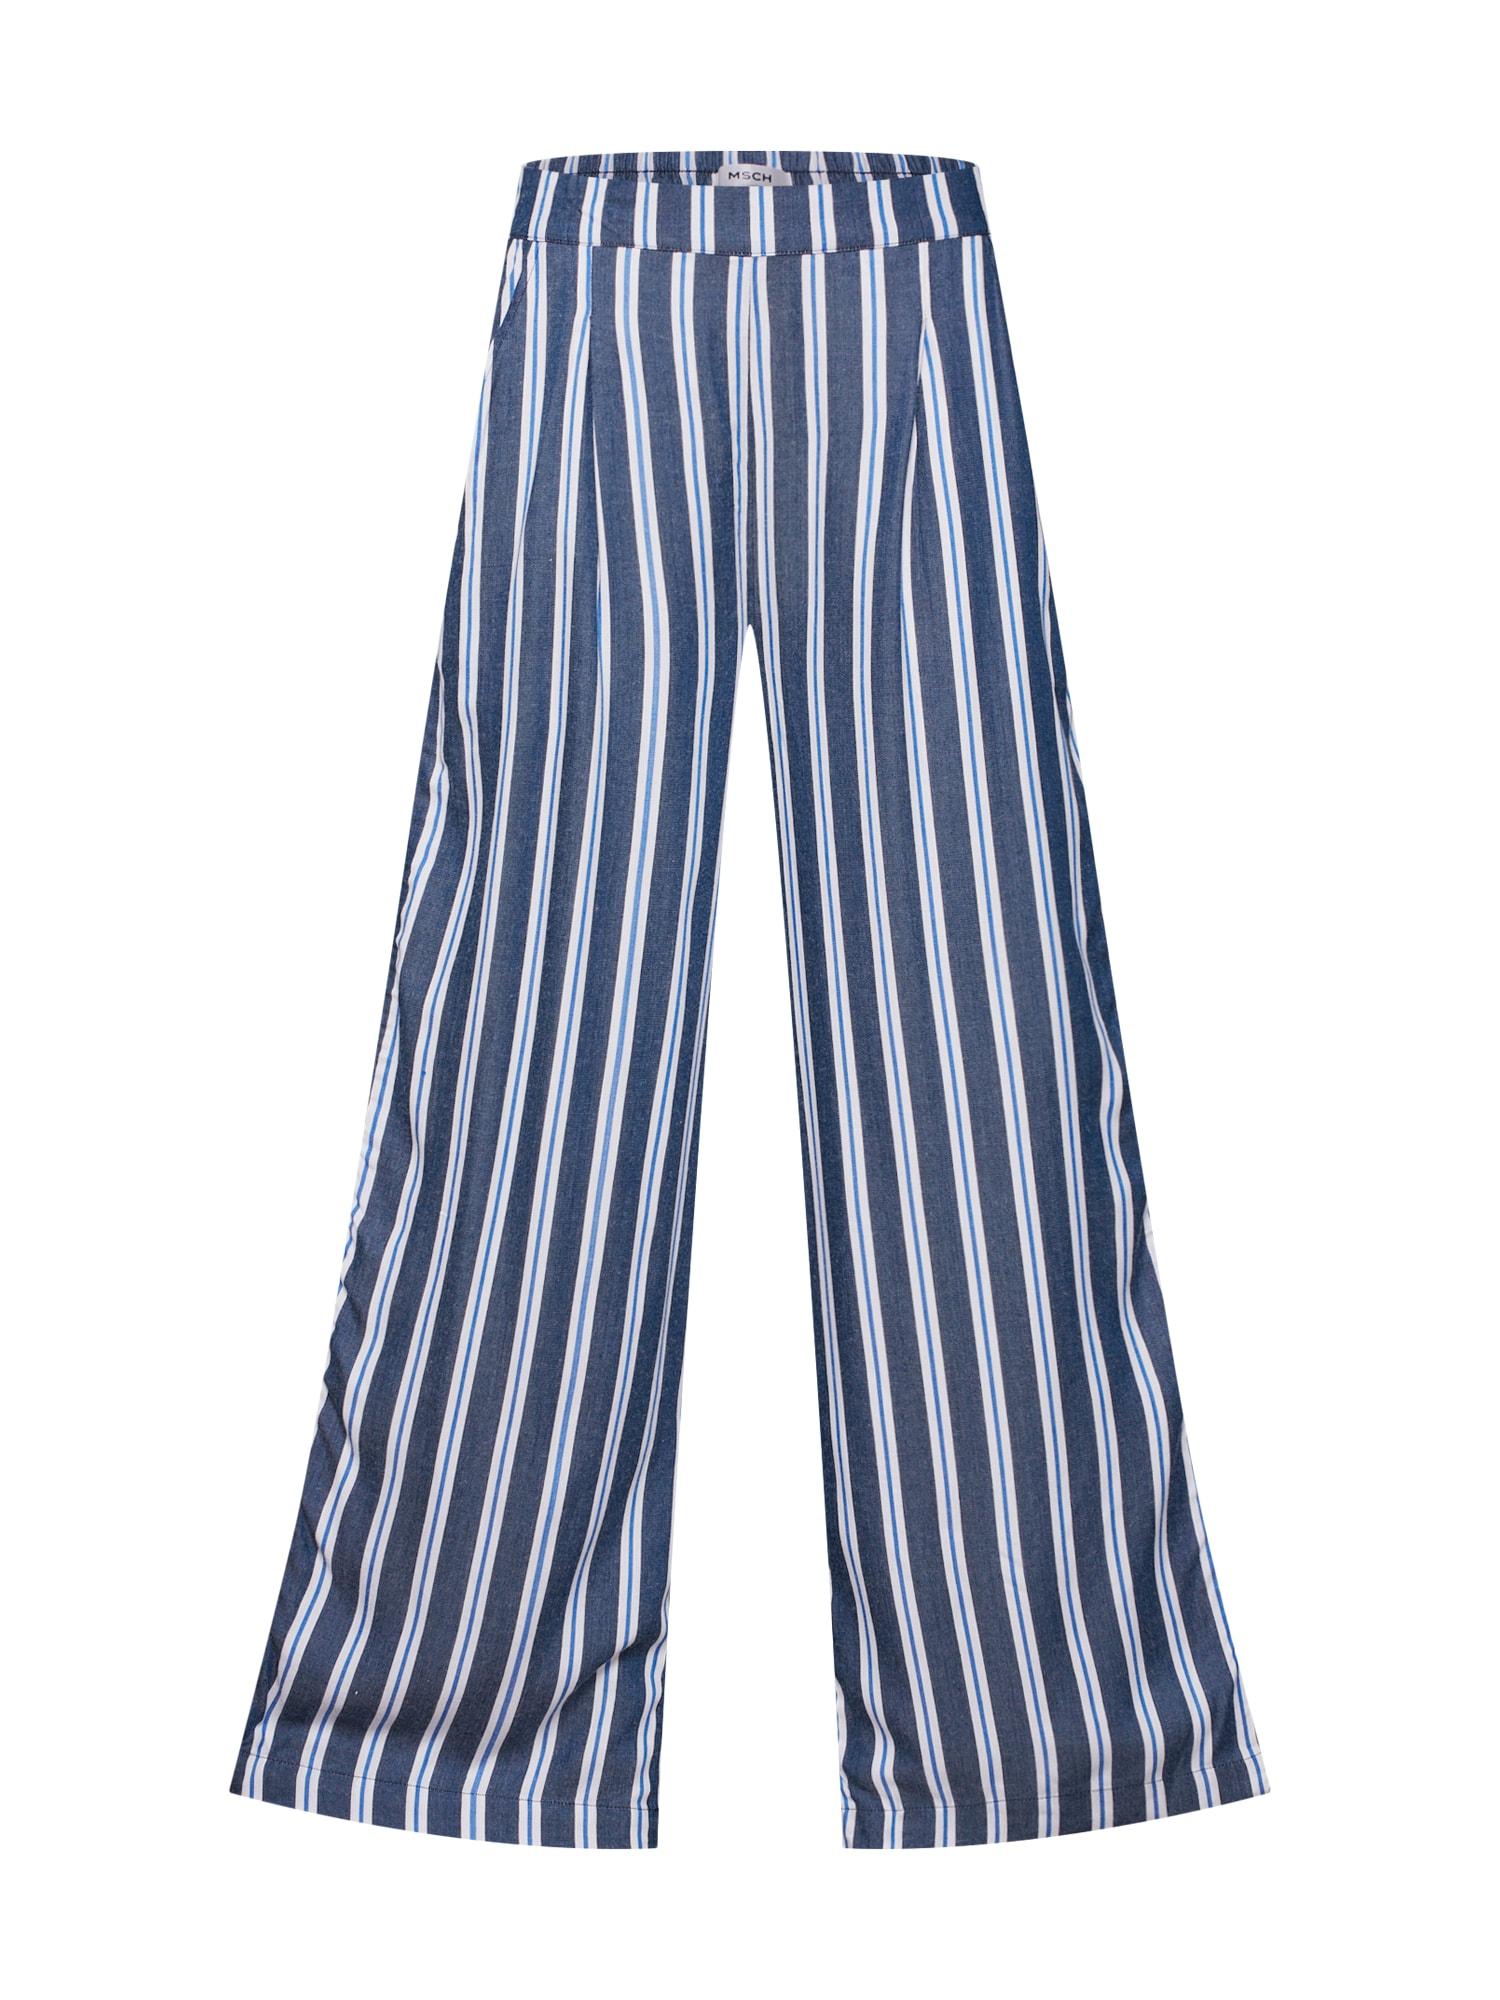 Kalhoty Alana modrá světlemodrá bílá MOSS COPENHAGEN